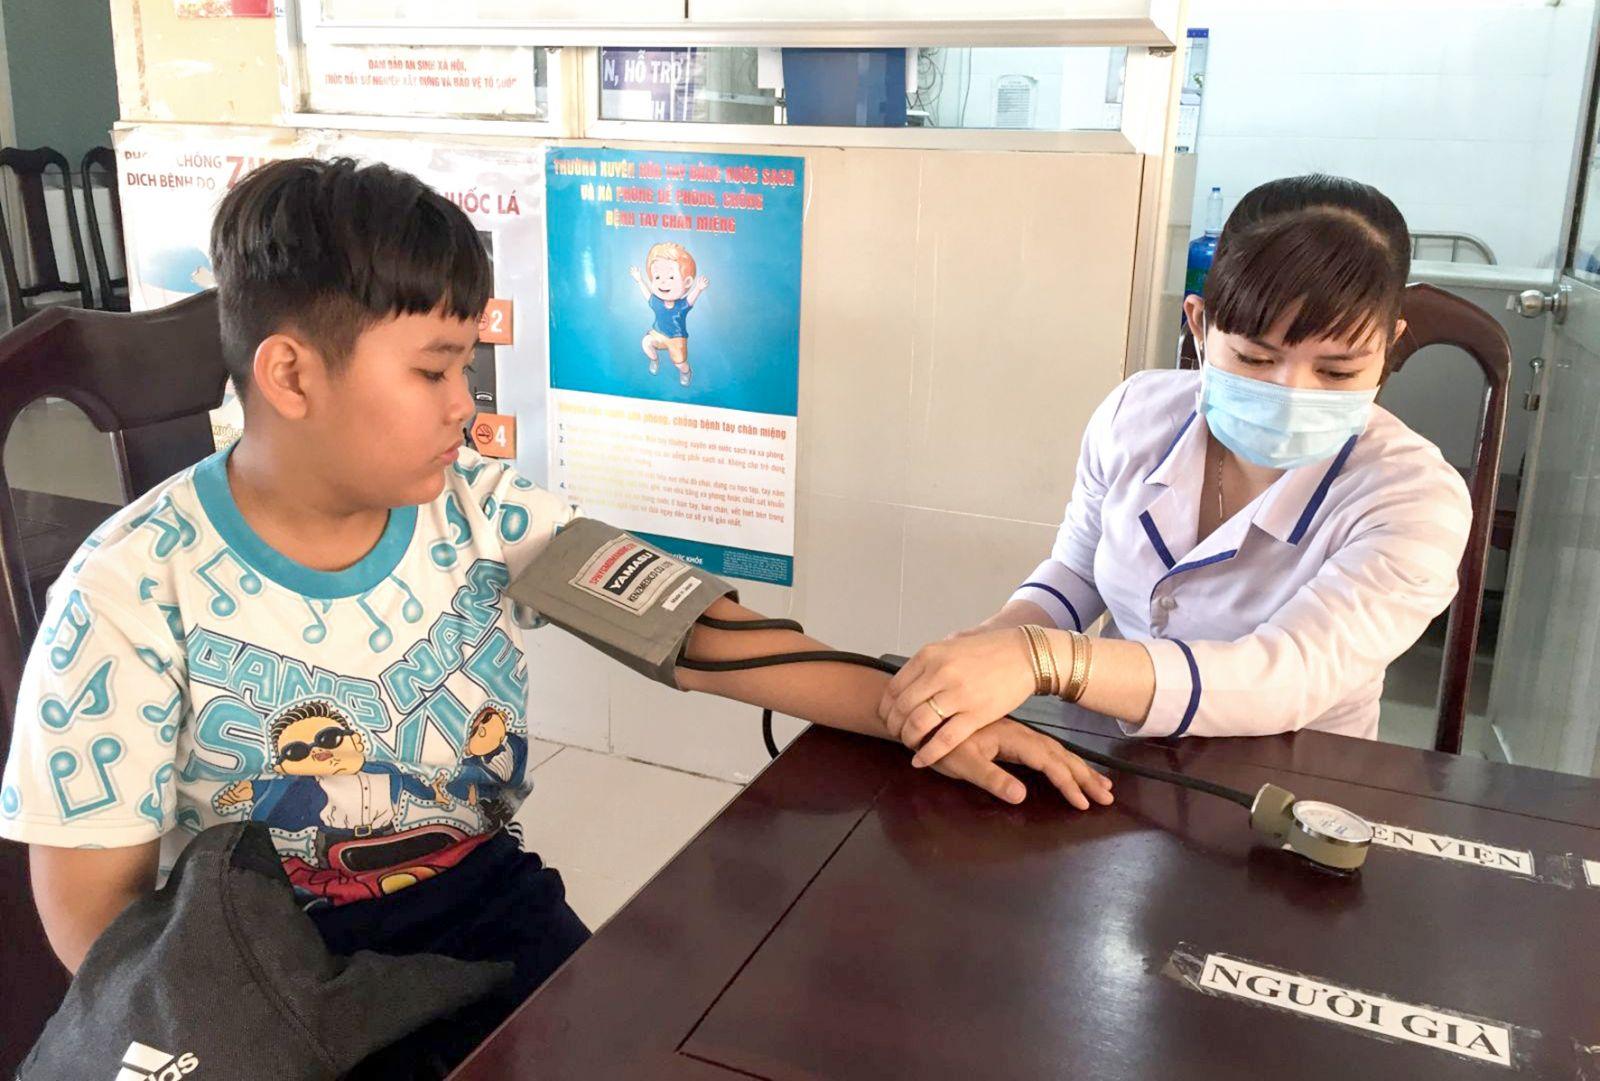 Khám bệnh ngày nghỉ, ngày lễ để đảm bảo quyền lợi bệnh nhân có thẻ BHYT. Ảnh: H.HOA